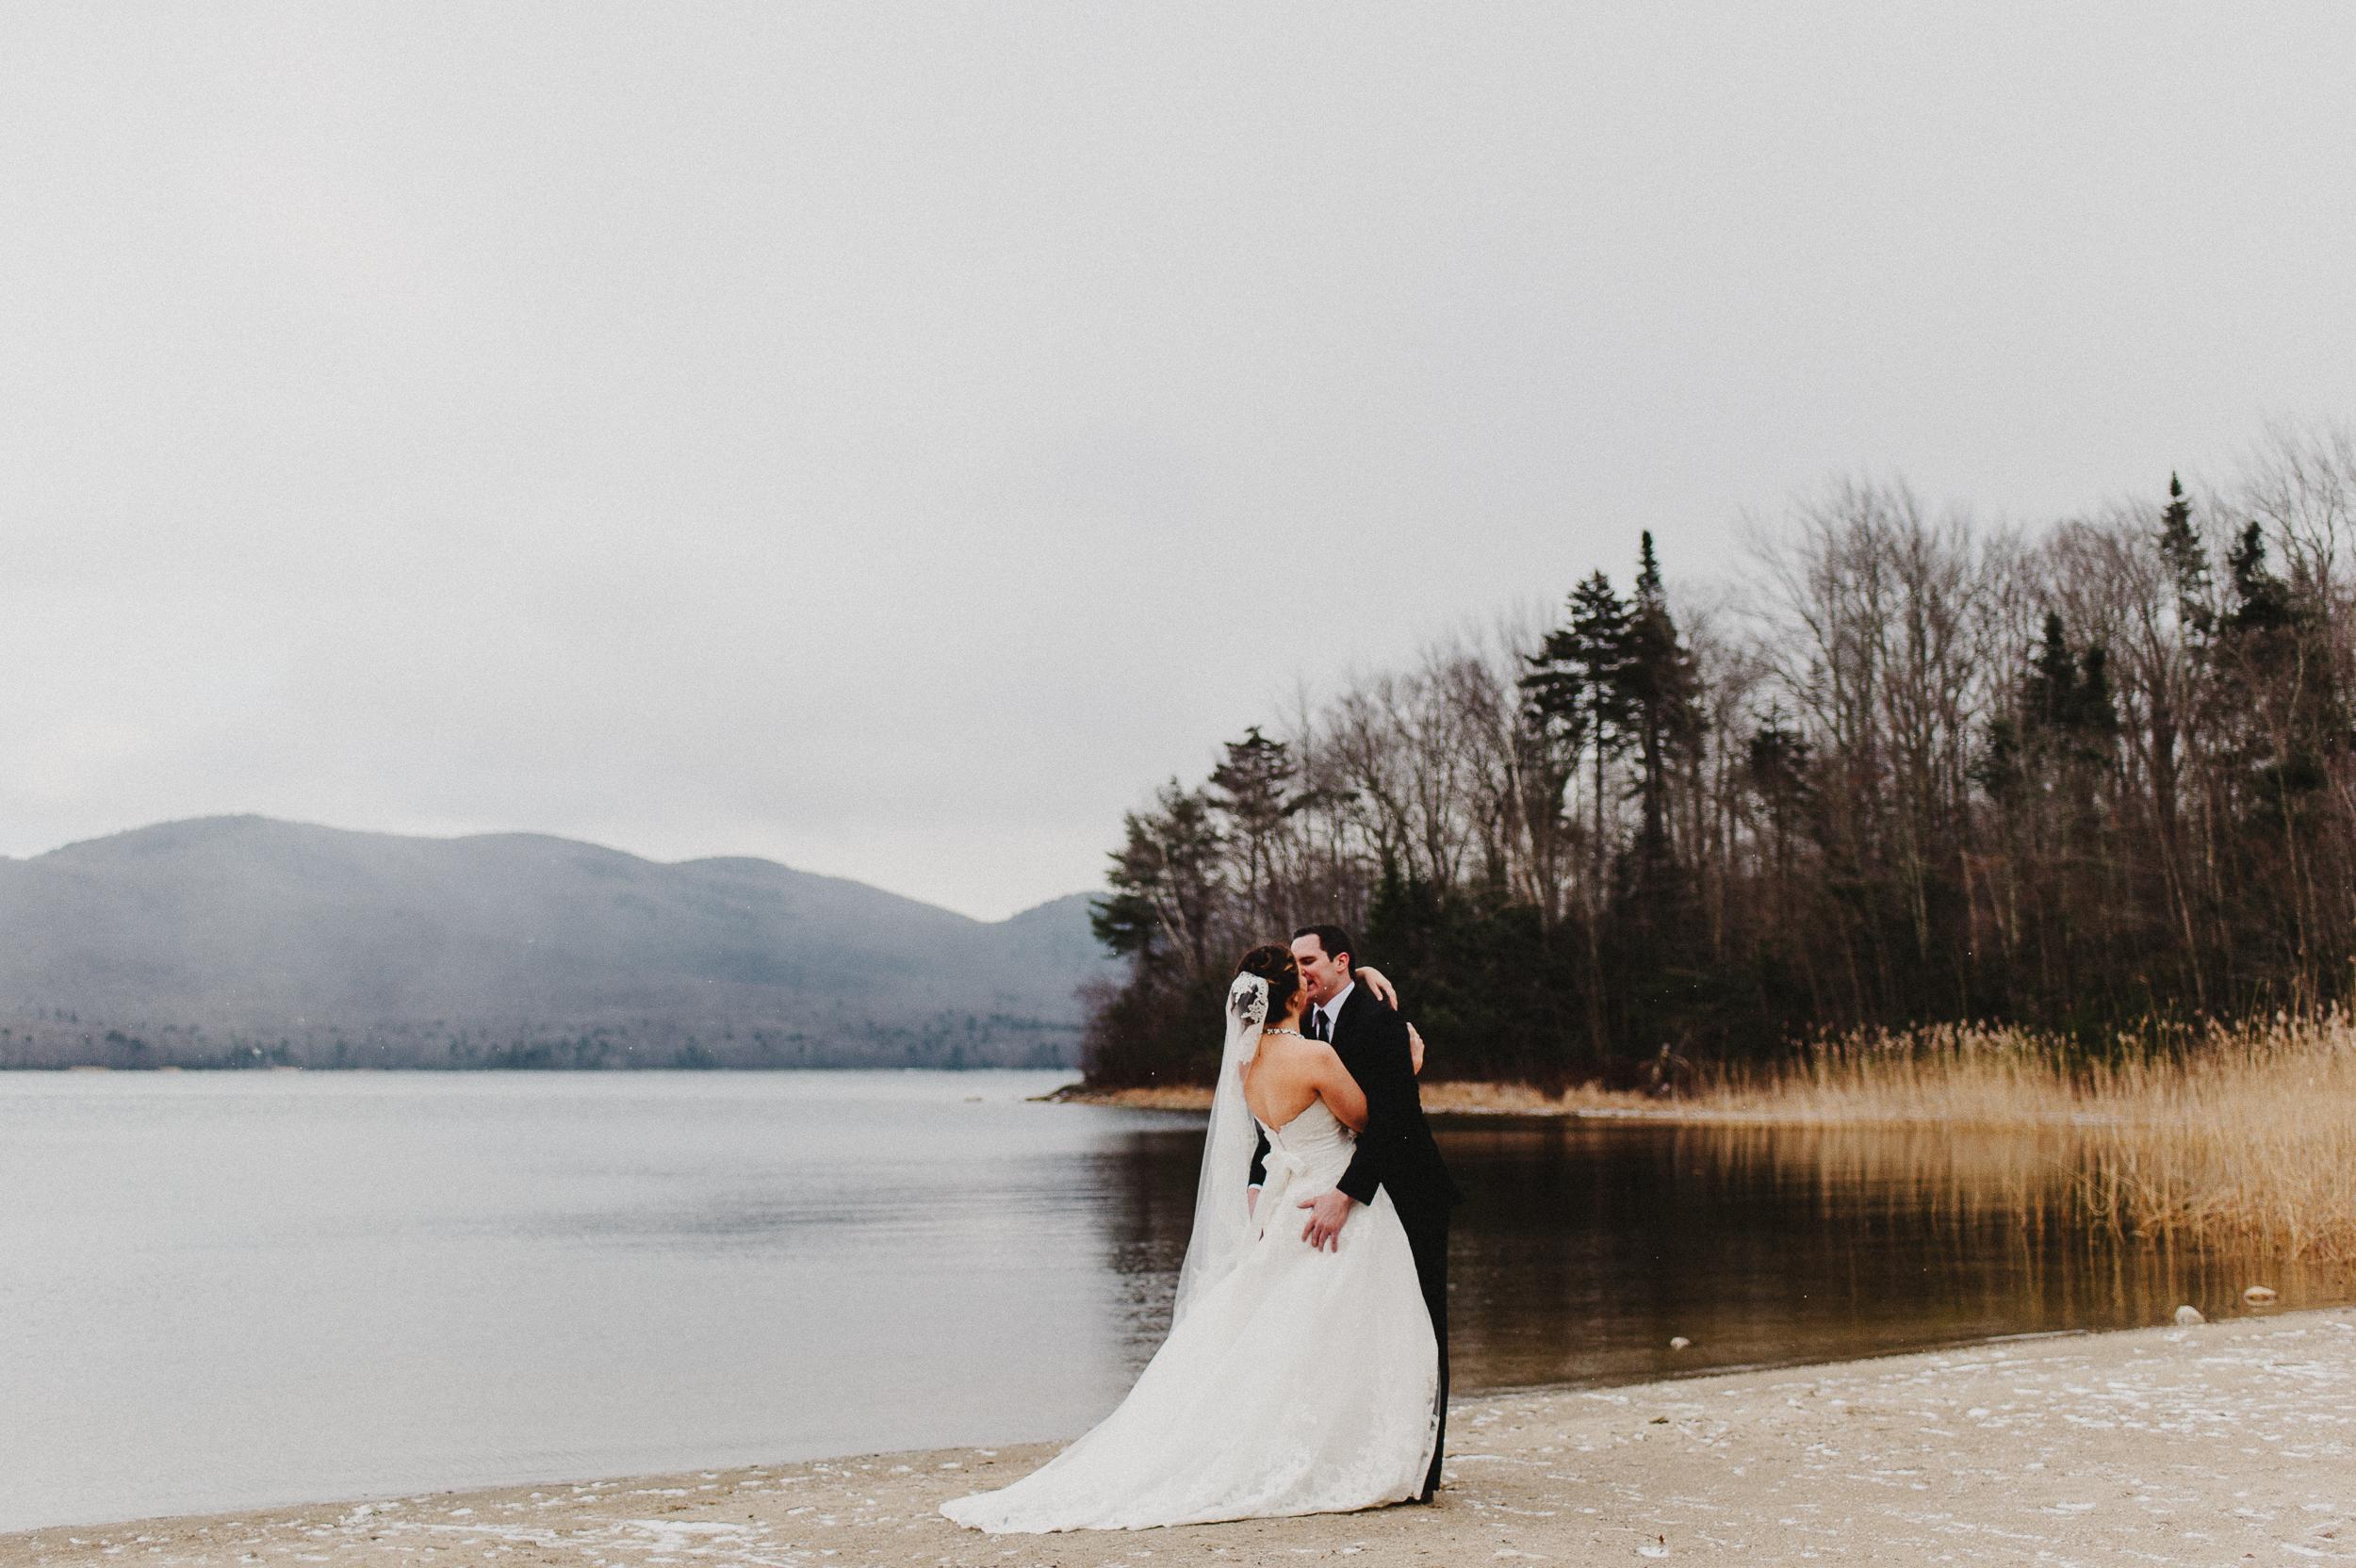 vermont-destination-wedding-photographer-22.jpg